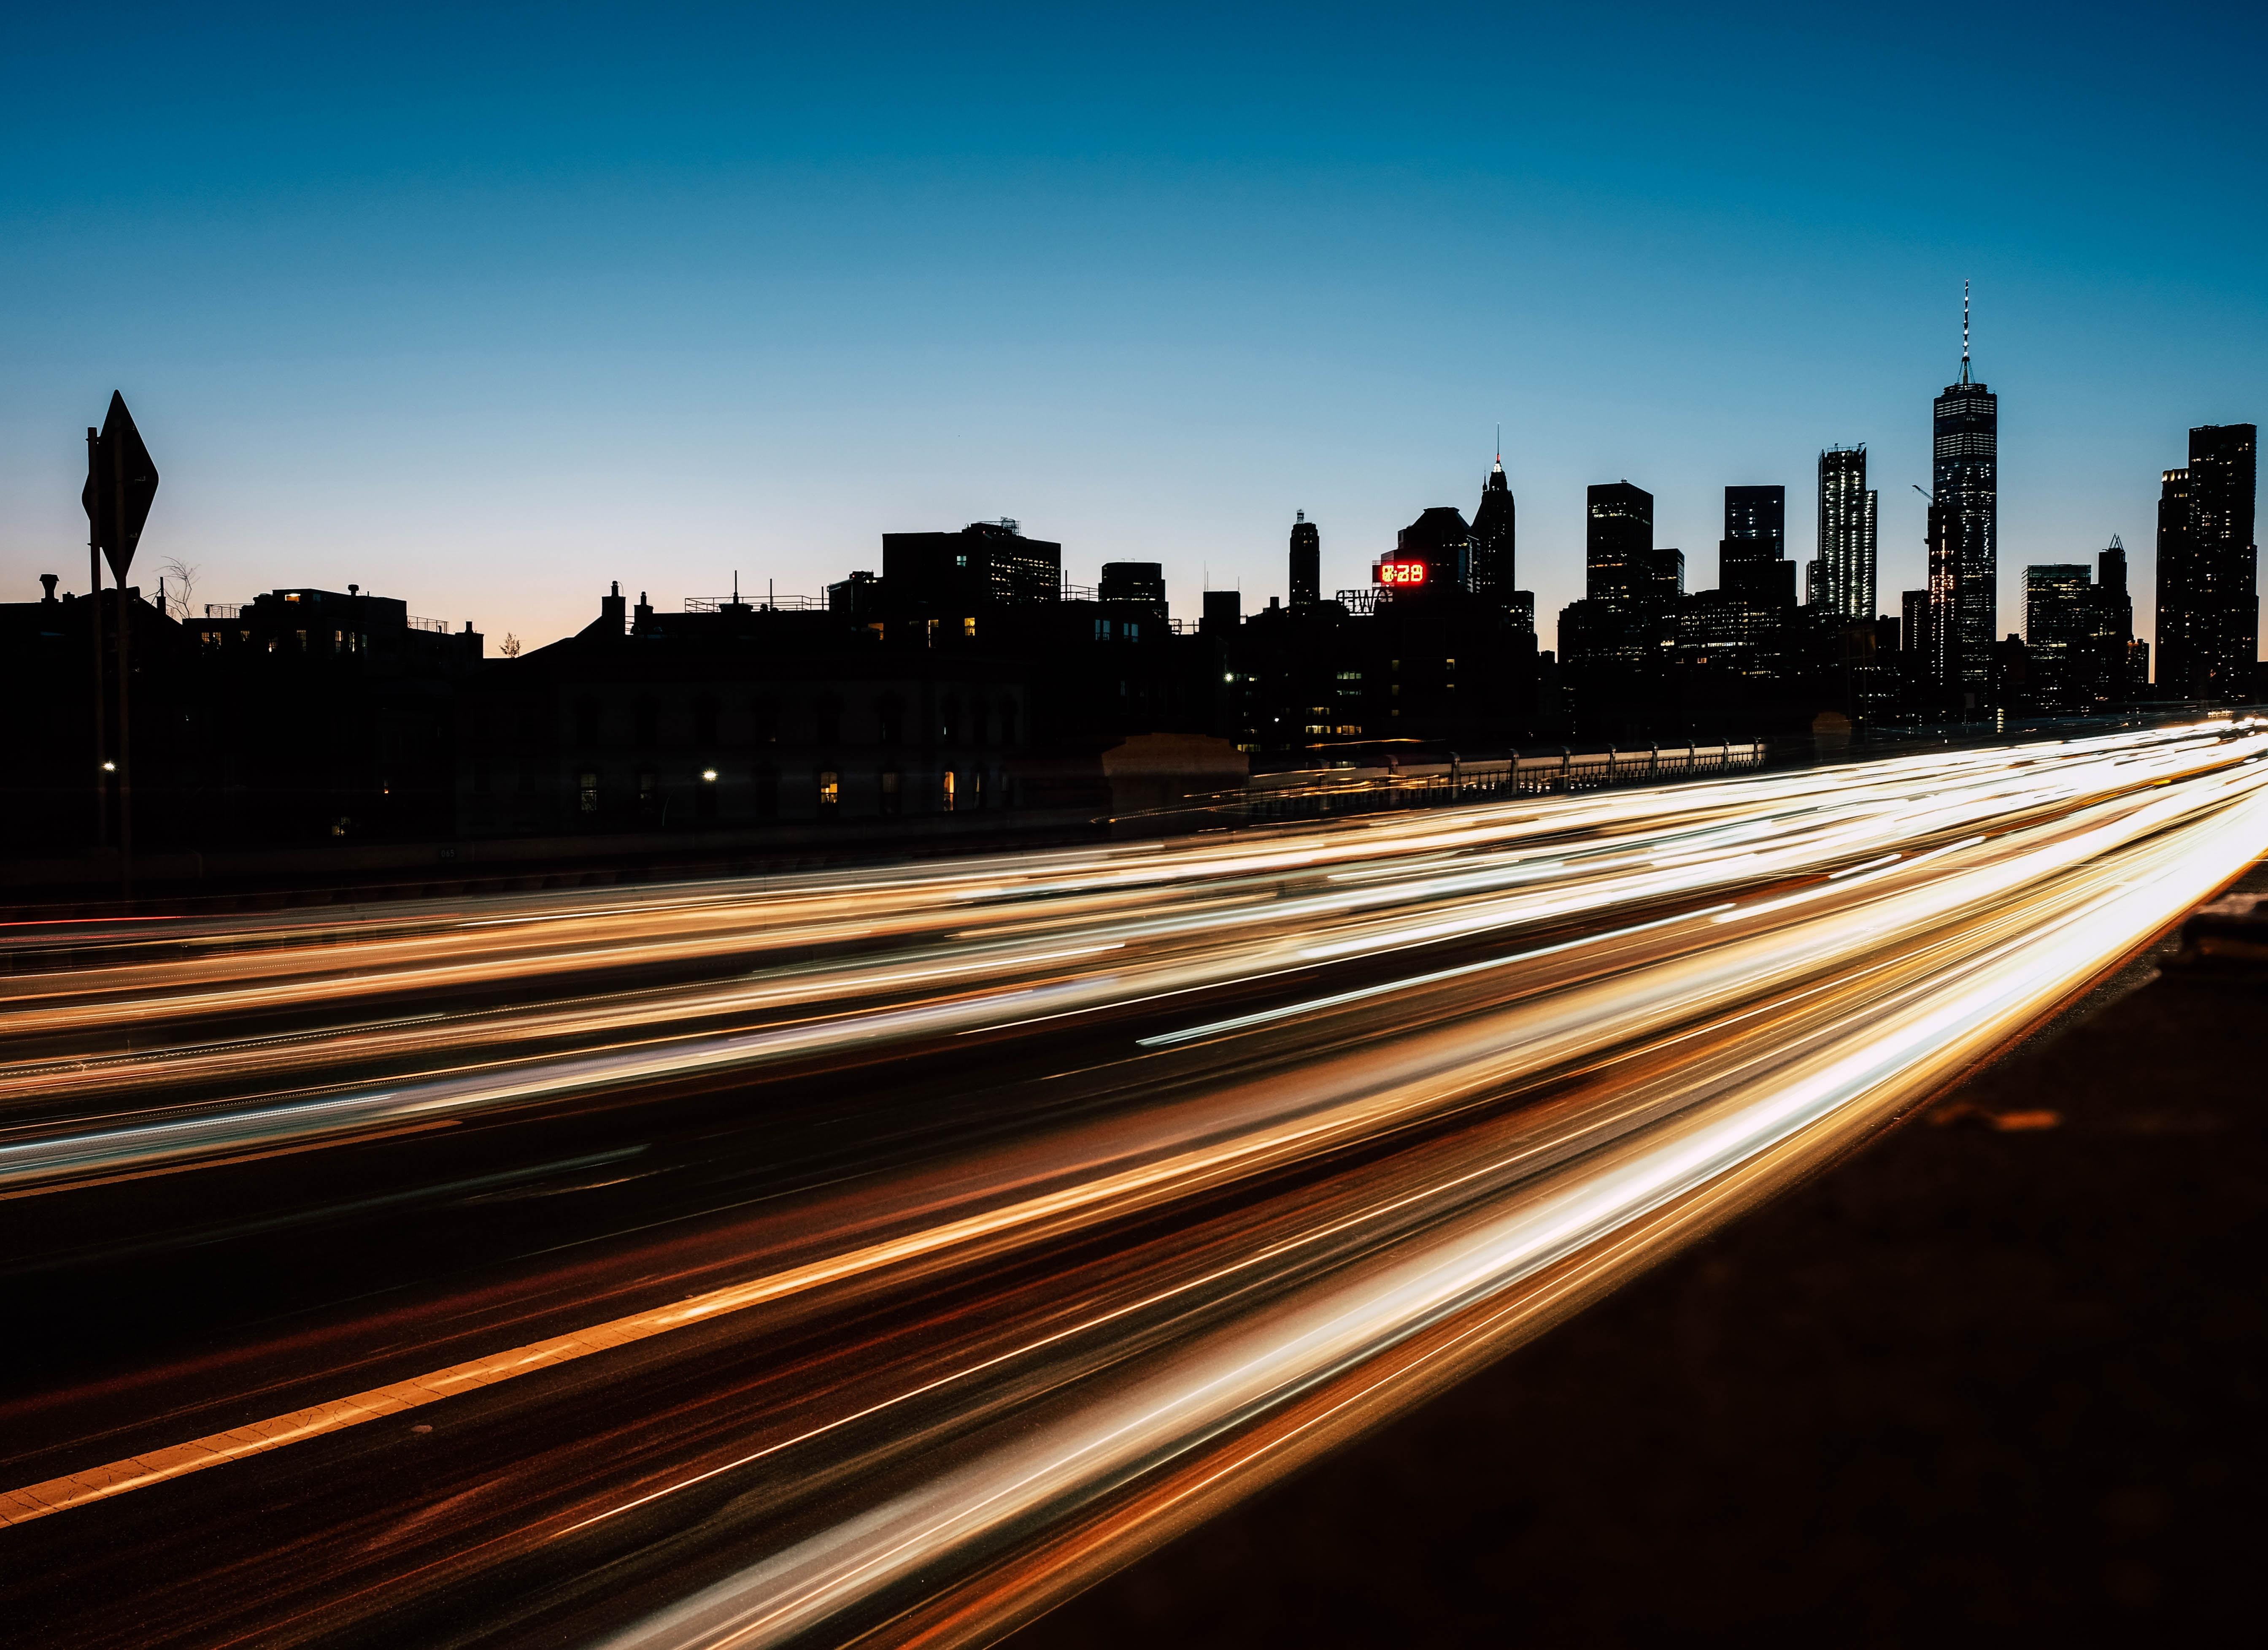 10 industrias nacionales que se transformarán con el 5G. Photo by Zac Ong.